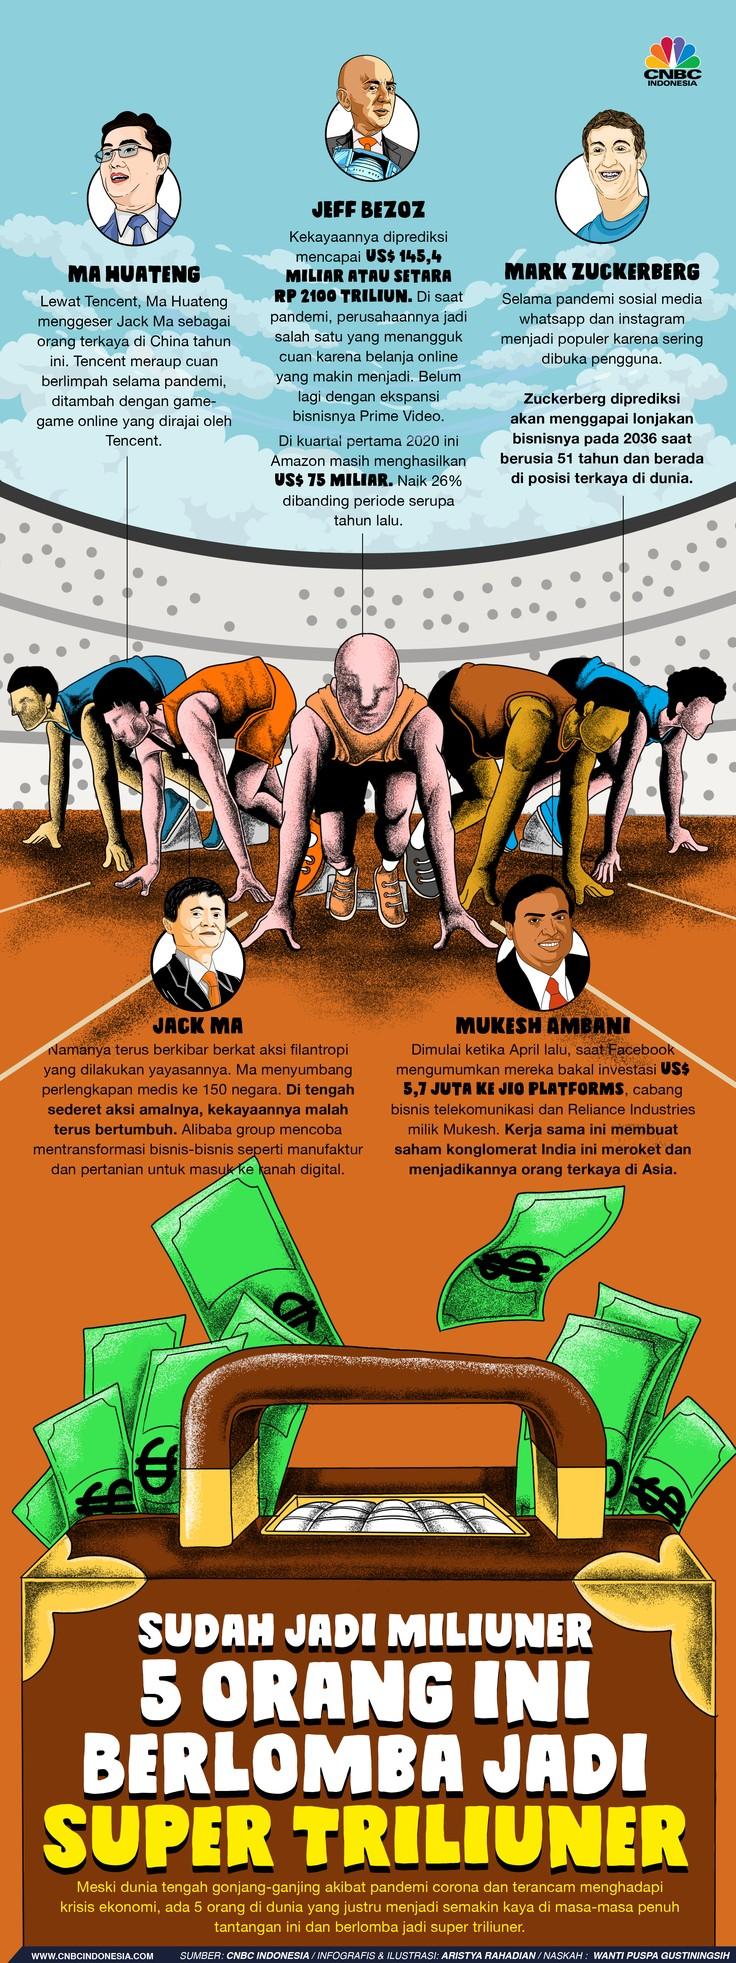 Infografis/ Sudah Jadi miliuner 5 orang ini Berlomba Jadi Super Triliuner/Aristya Rahadian Krisabella